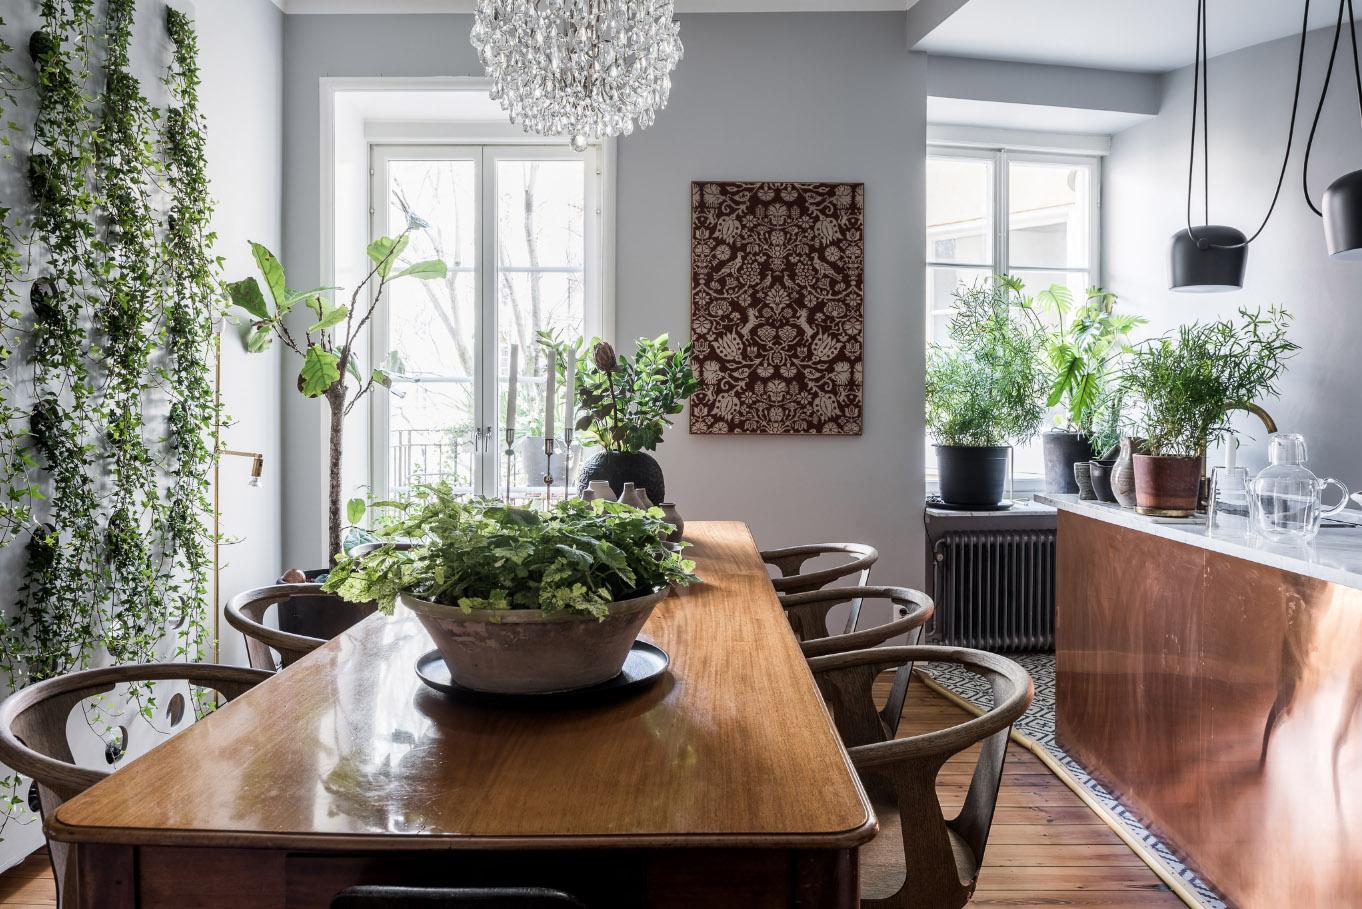 Decorazione Esempio Di Verde In Cucina Arc Art Blog By Daniele Drigo